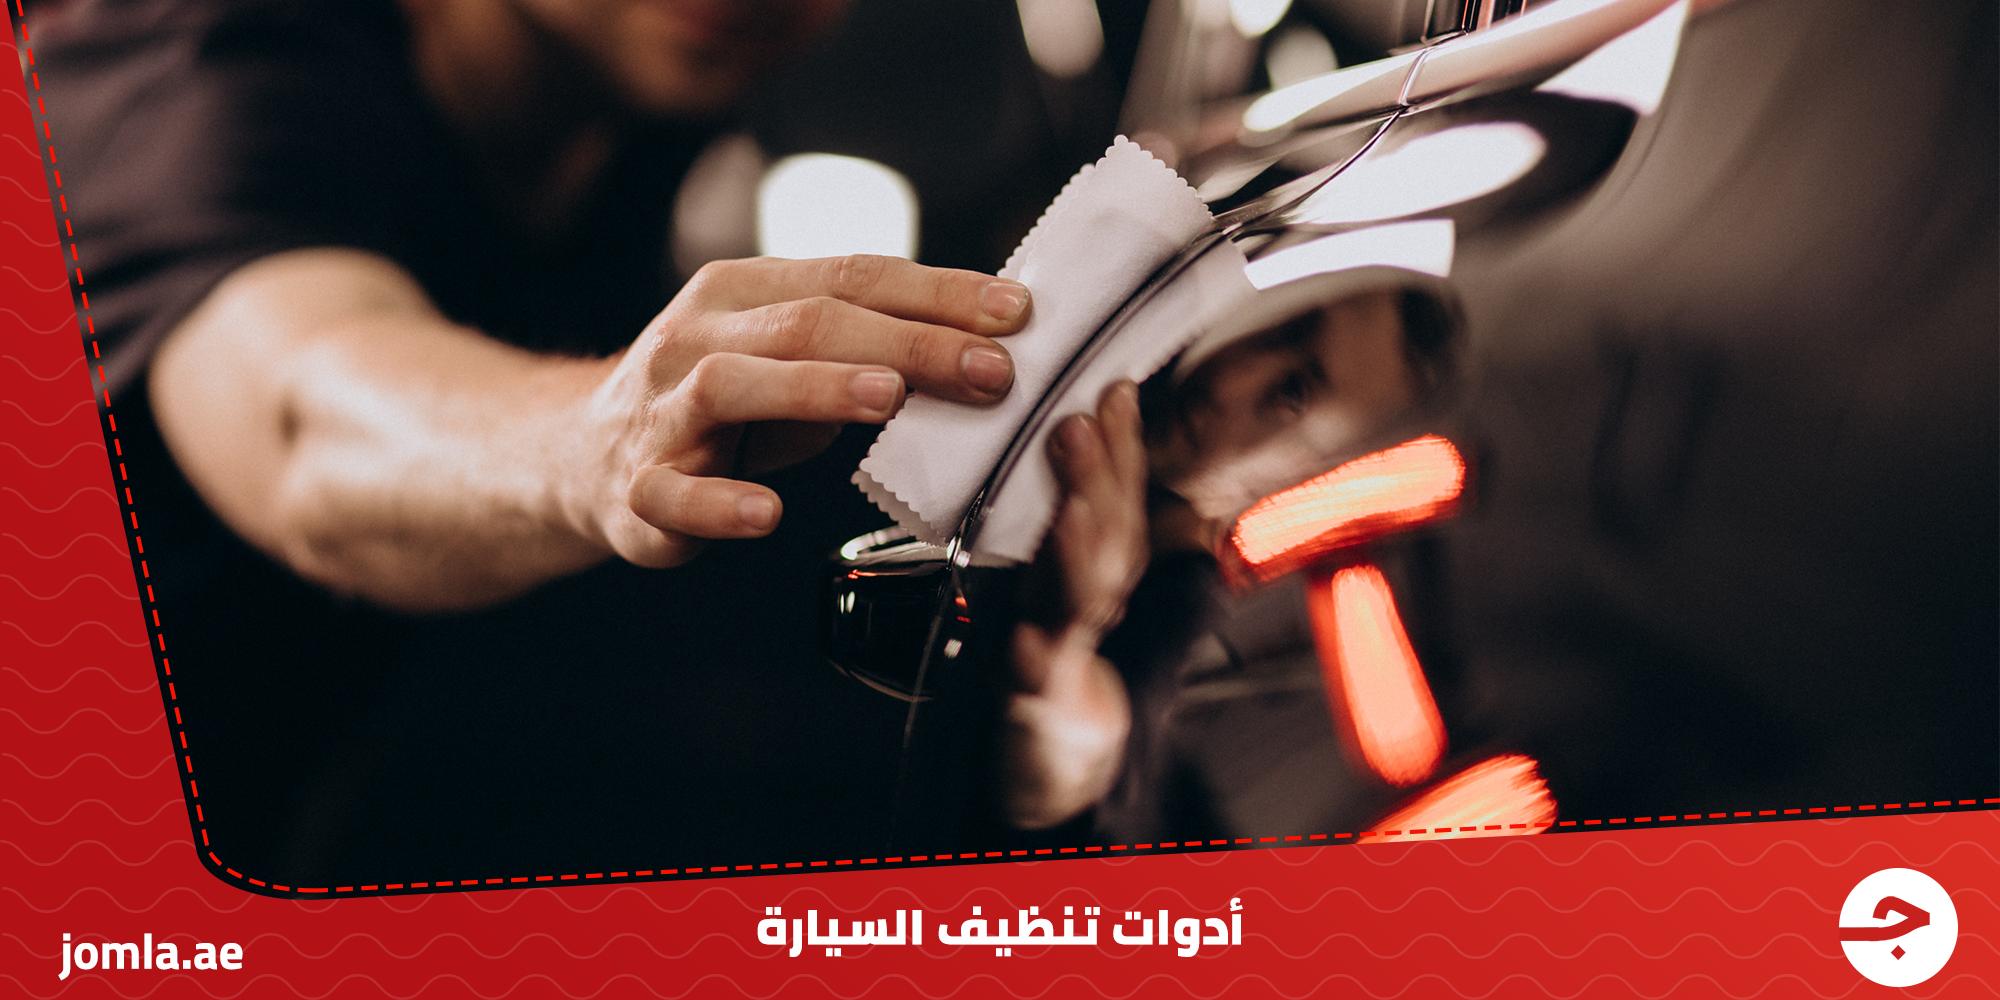 أدوات تنظيف السيارة : مجموعة من أهم أجهزة العناية بالسيارات